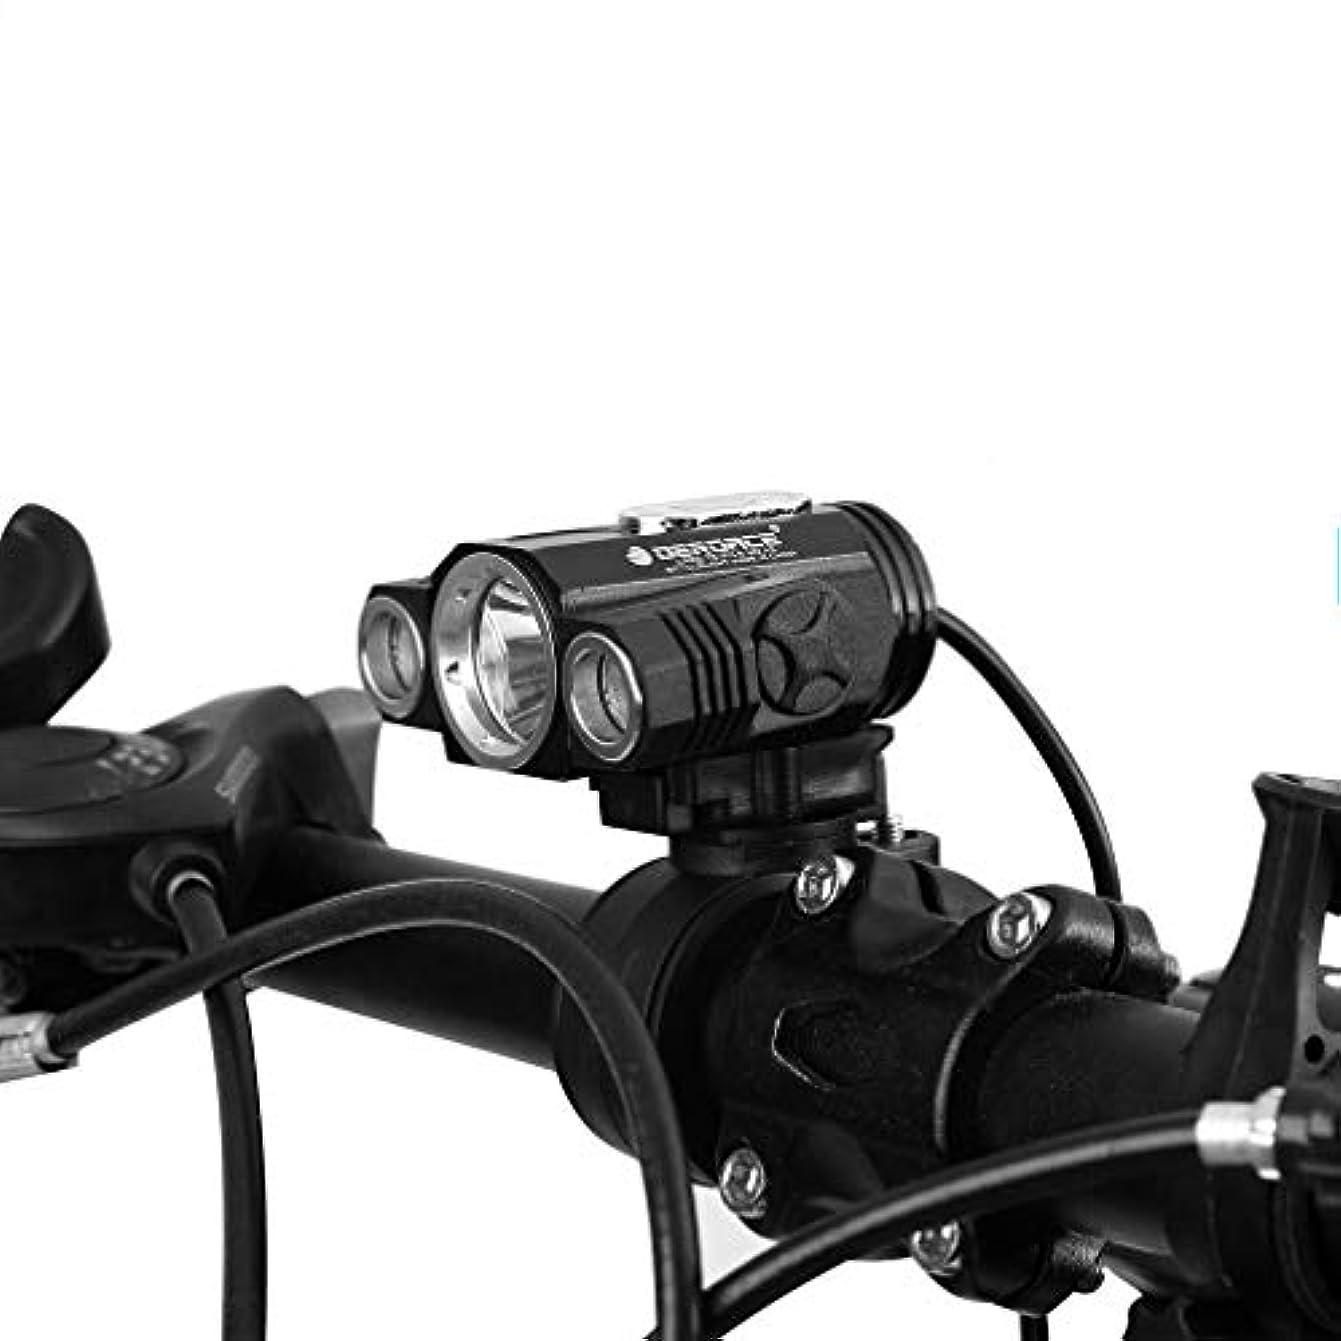 不機嫌そうなわずらわしい指定する3T6 LEDヘッドライト 自転車ライト 超高輝度 超軽量 ストレッチズーム 4モード対応 USB充電式 着脱簡単 自転車フロントライト&バックライト ランプブラケット付き